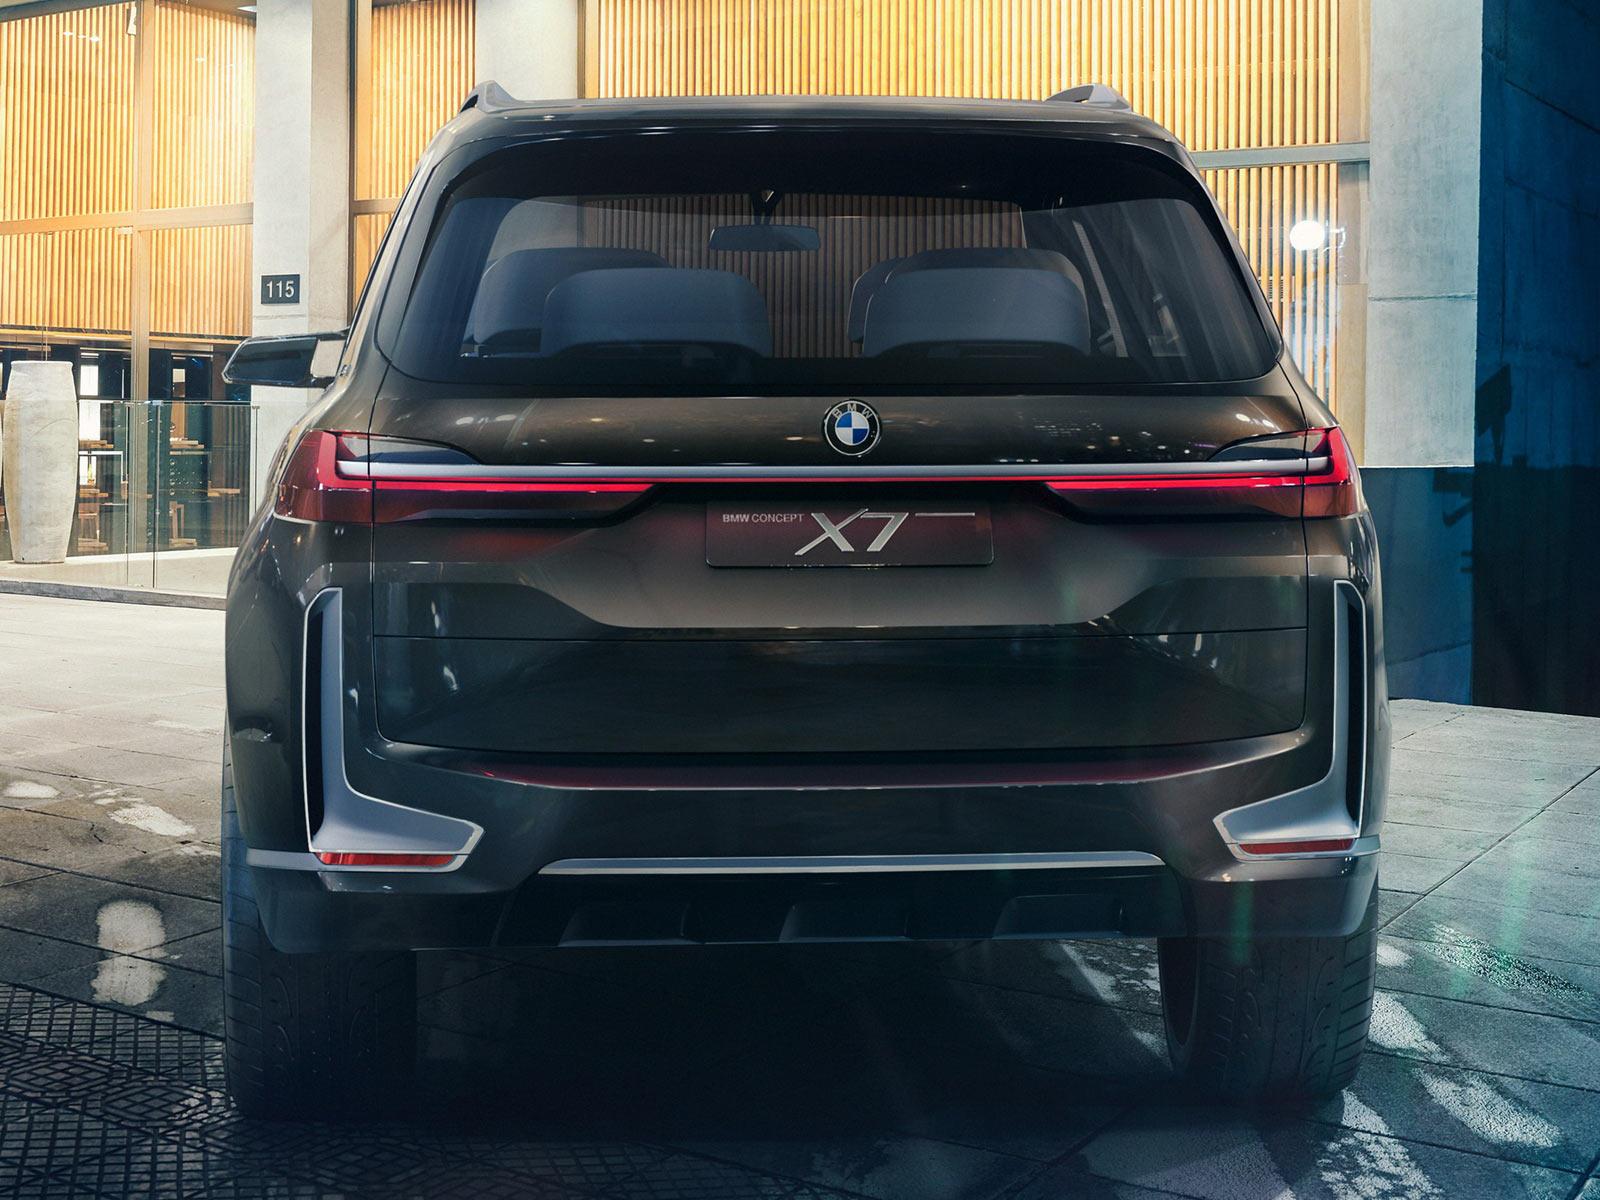 BMW-X7-Concept-4